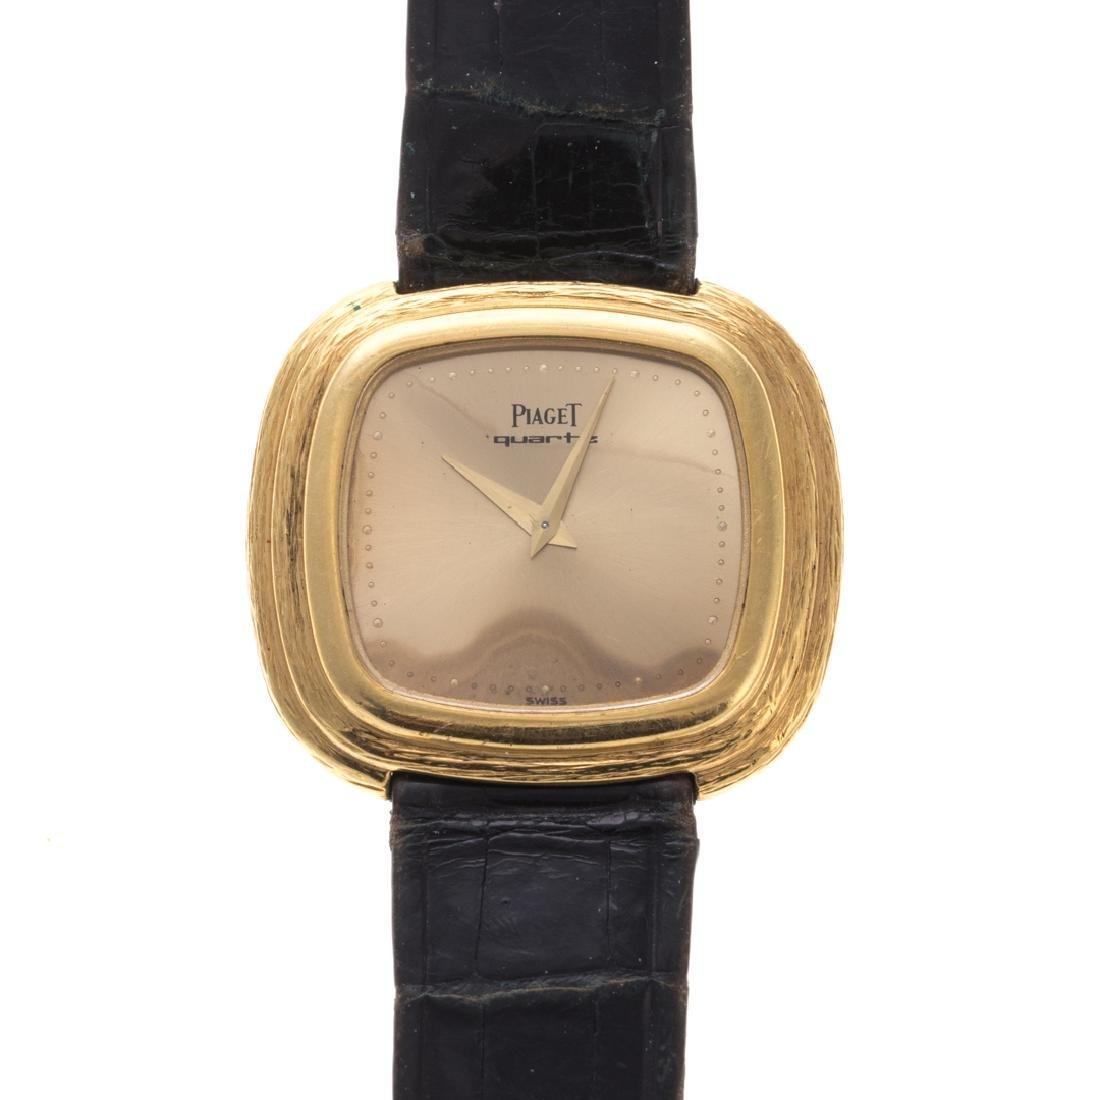 A Gent's 18K Piaget Wrist Watch